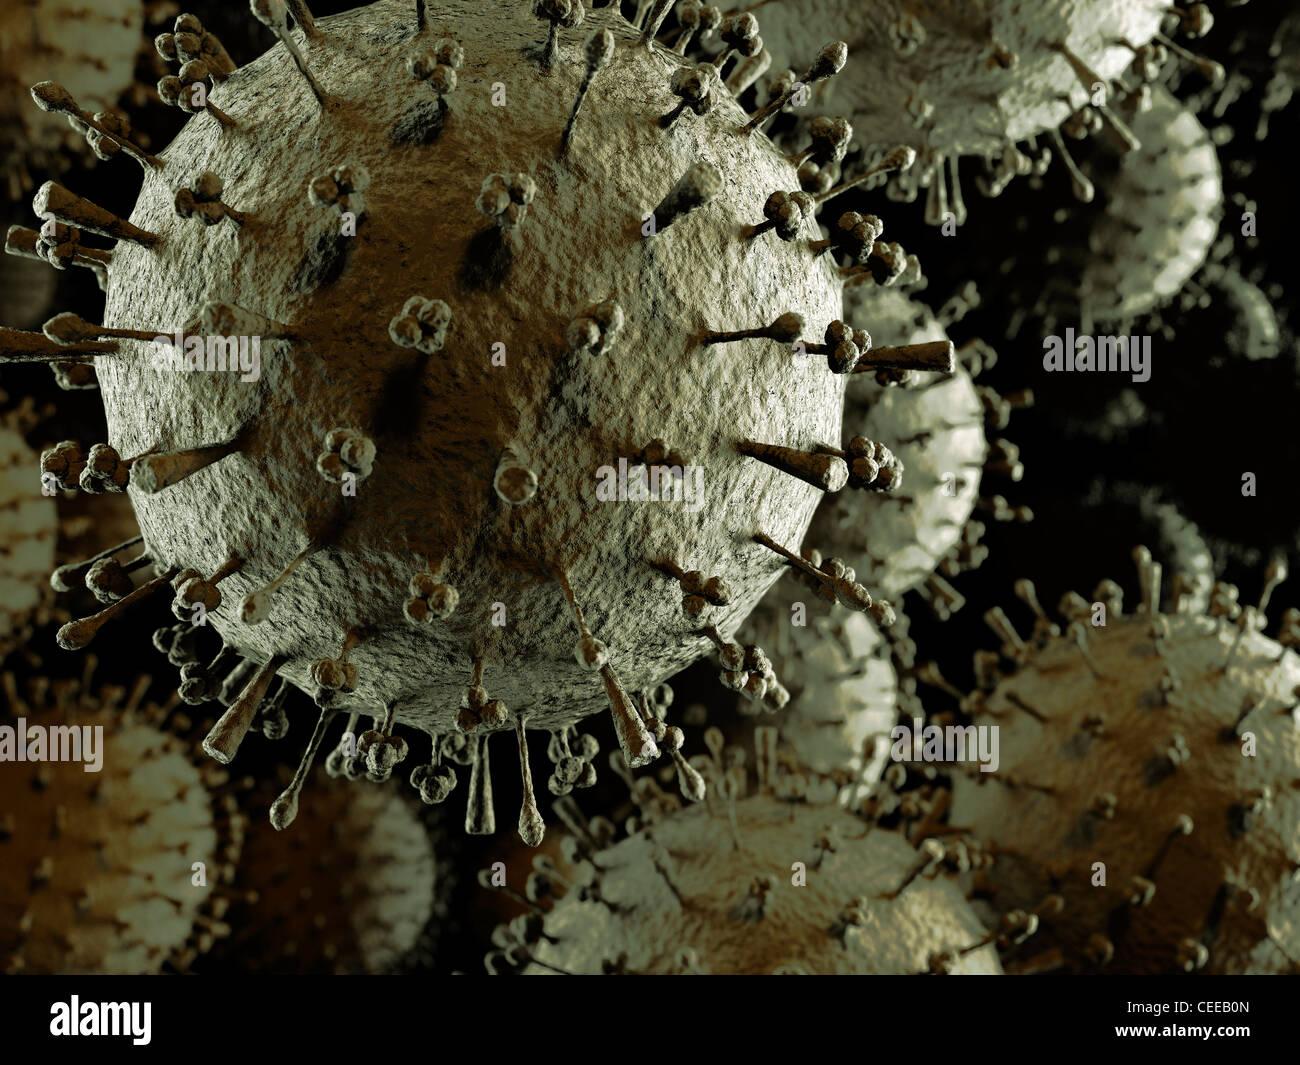 Influenza A Grippe-Virus H1N1 H5N1 Partikelwolke. Eingefärbt in Rot 3D Darstellung der Verbreitung Virus Schweinegrippe, Stockbild